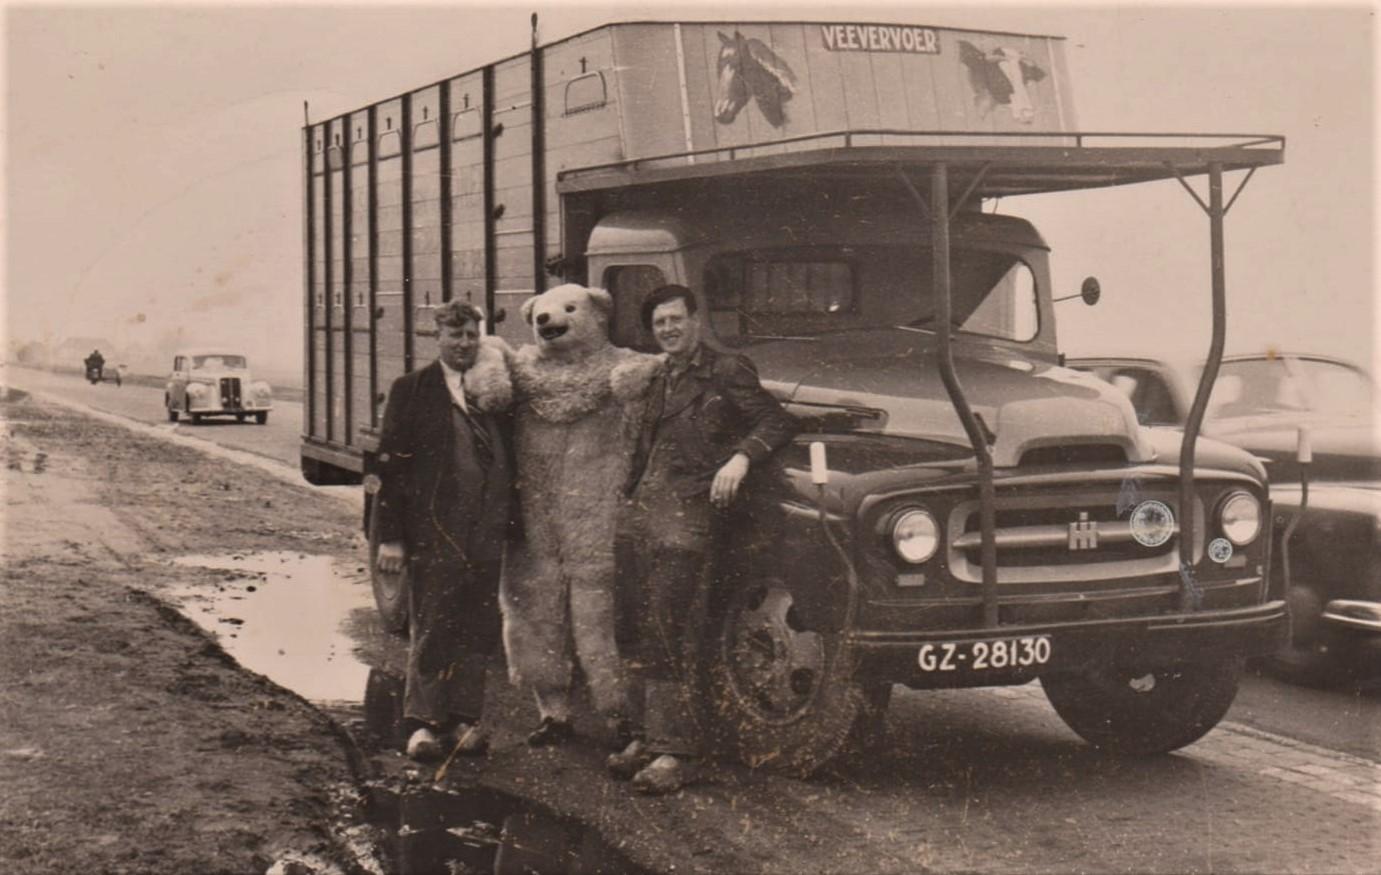 0-Links-Piet-Schuit-senior-en-rechts-Piet-Schuit-met-de-nieuwe-international--1947-1948--De-foto-is-genomen-op-de-A1-bij-Muiden